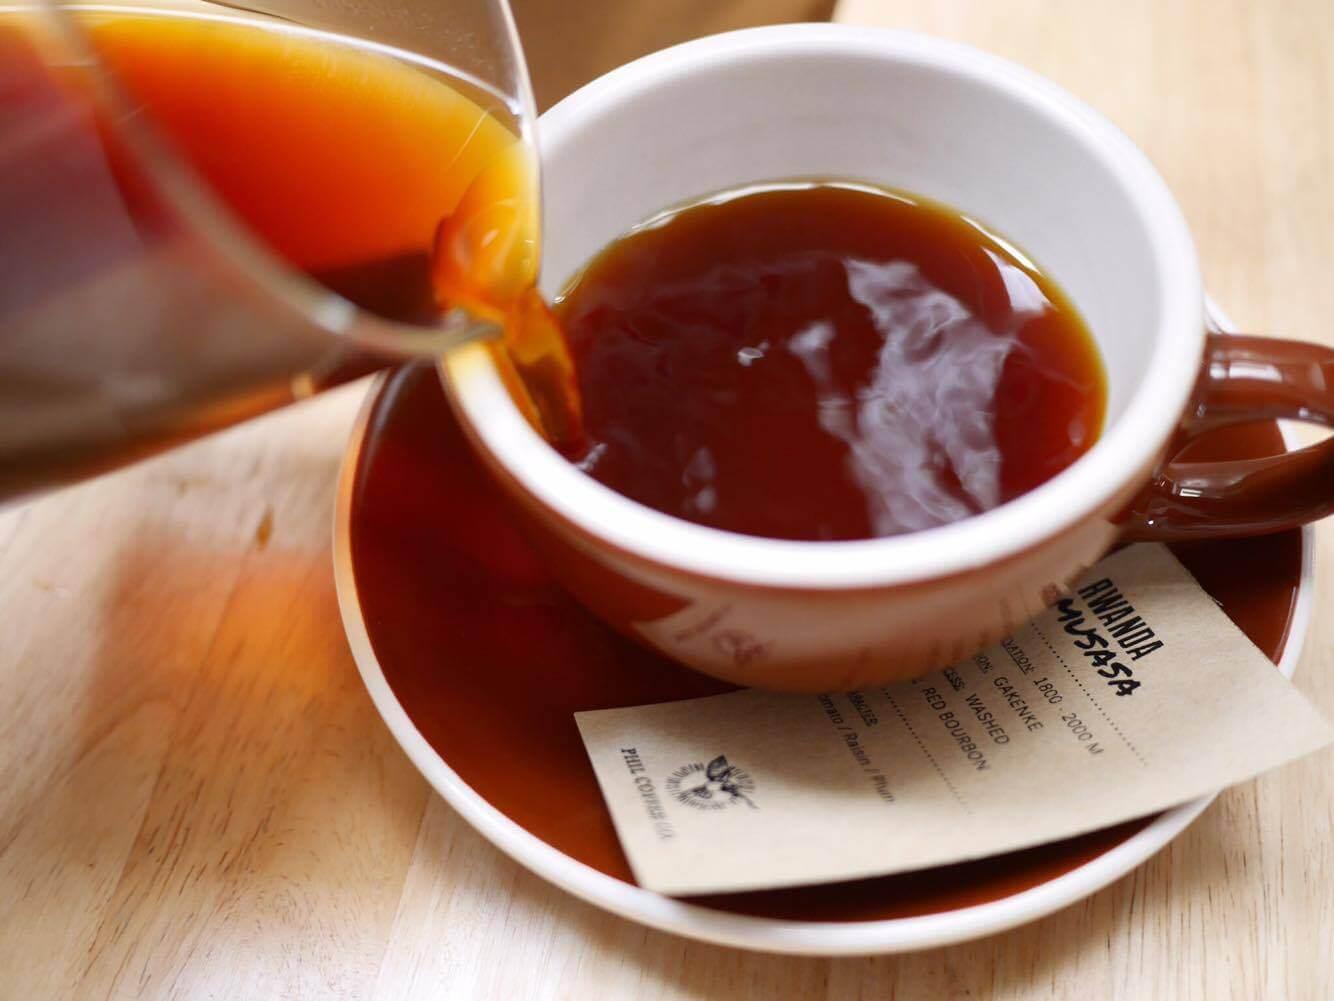 10 ร้านกาแฟ ทองหล่อ - เอกมัย เครื่องดื่มเด็ด บรรยากาศดี 47 - Ananda Development (อนันดา ดีเวลลอปเม้นท์)